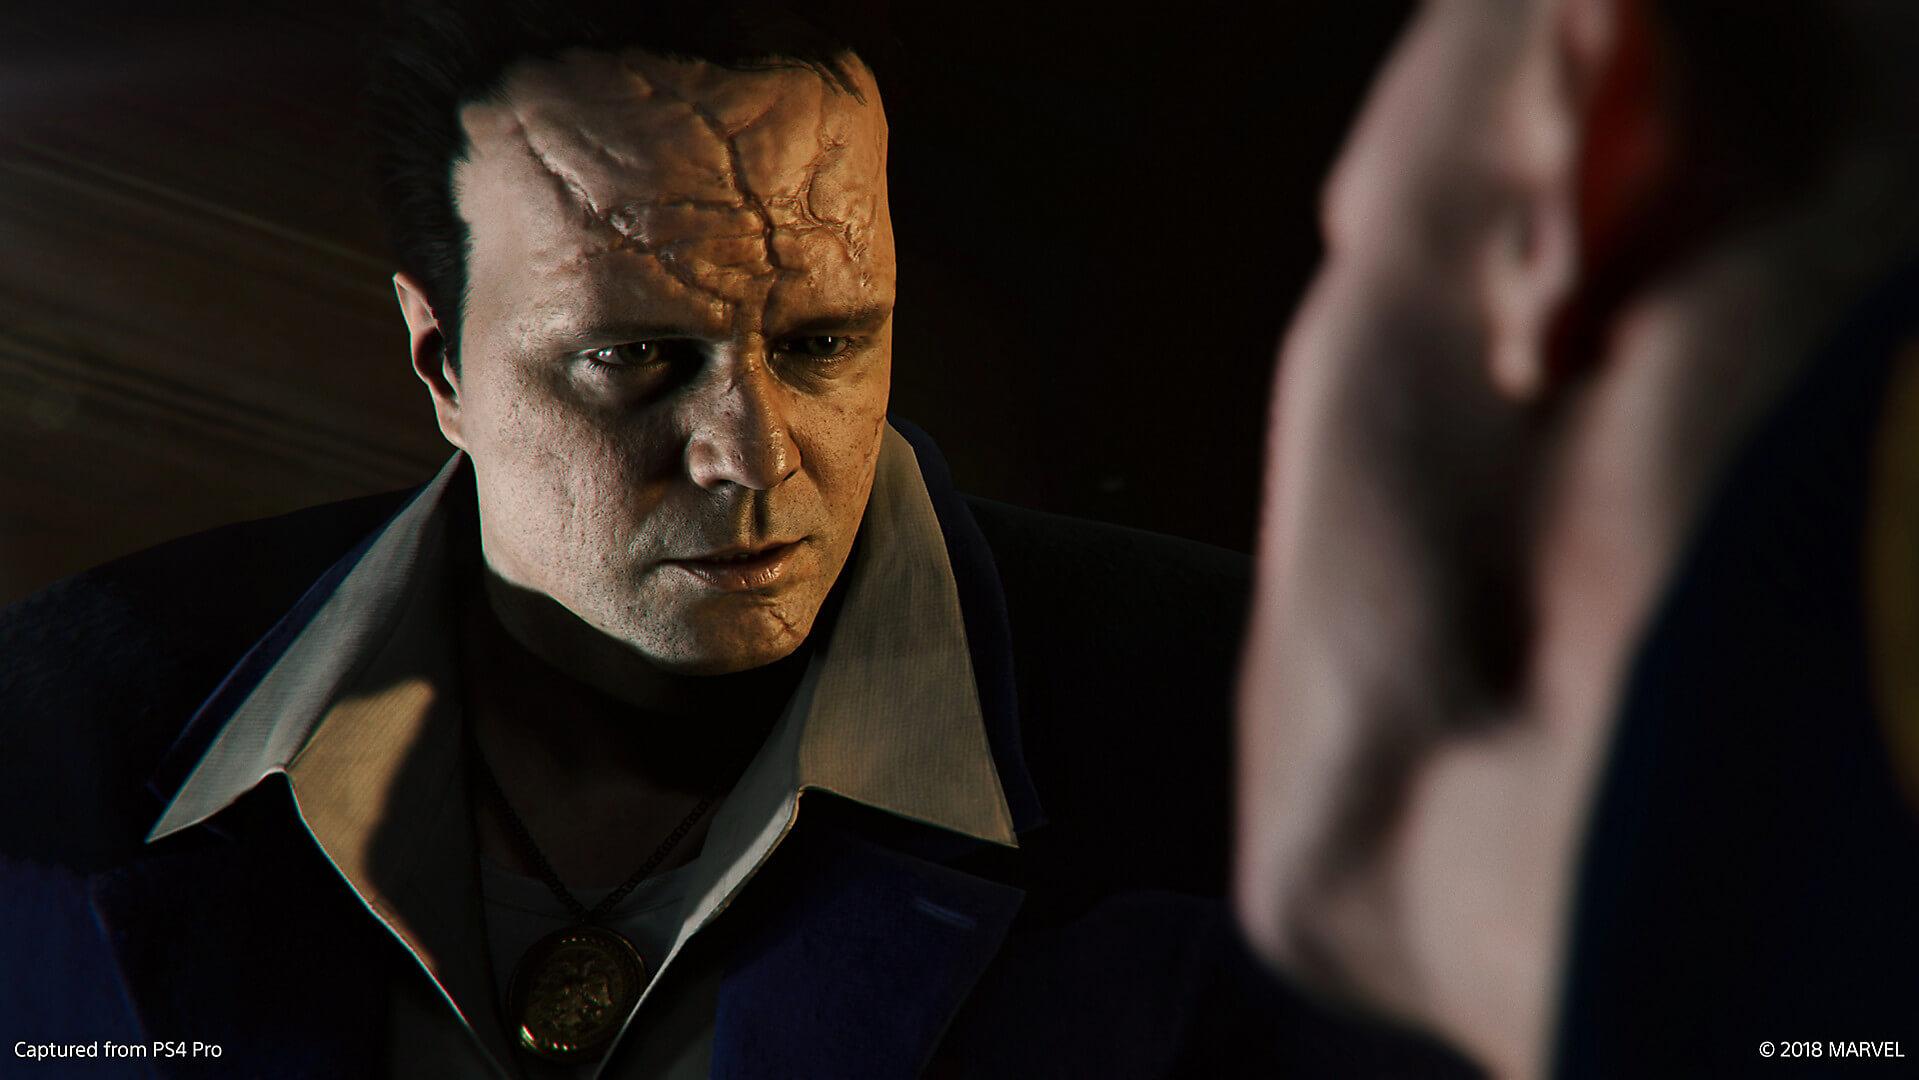 Hammerhead, Nuevo villano en la segunda parte del videojuego de Spider-Man en PlayStation 4